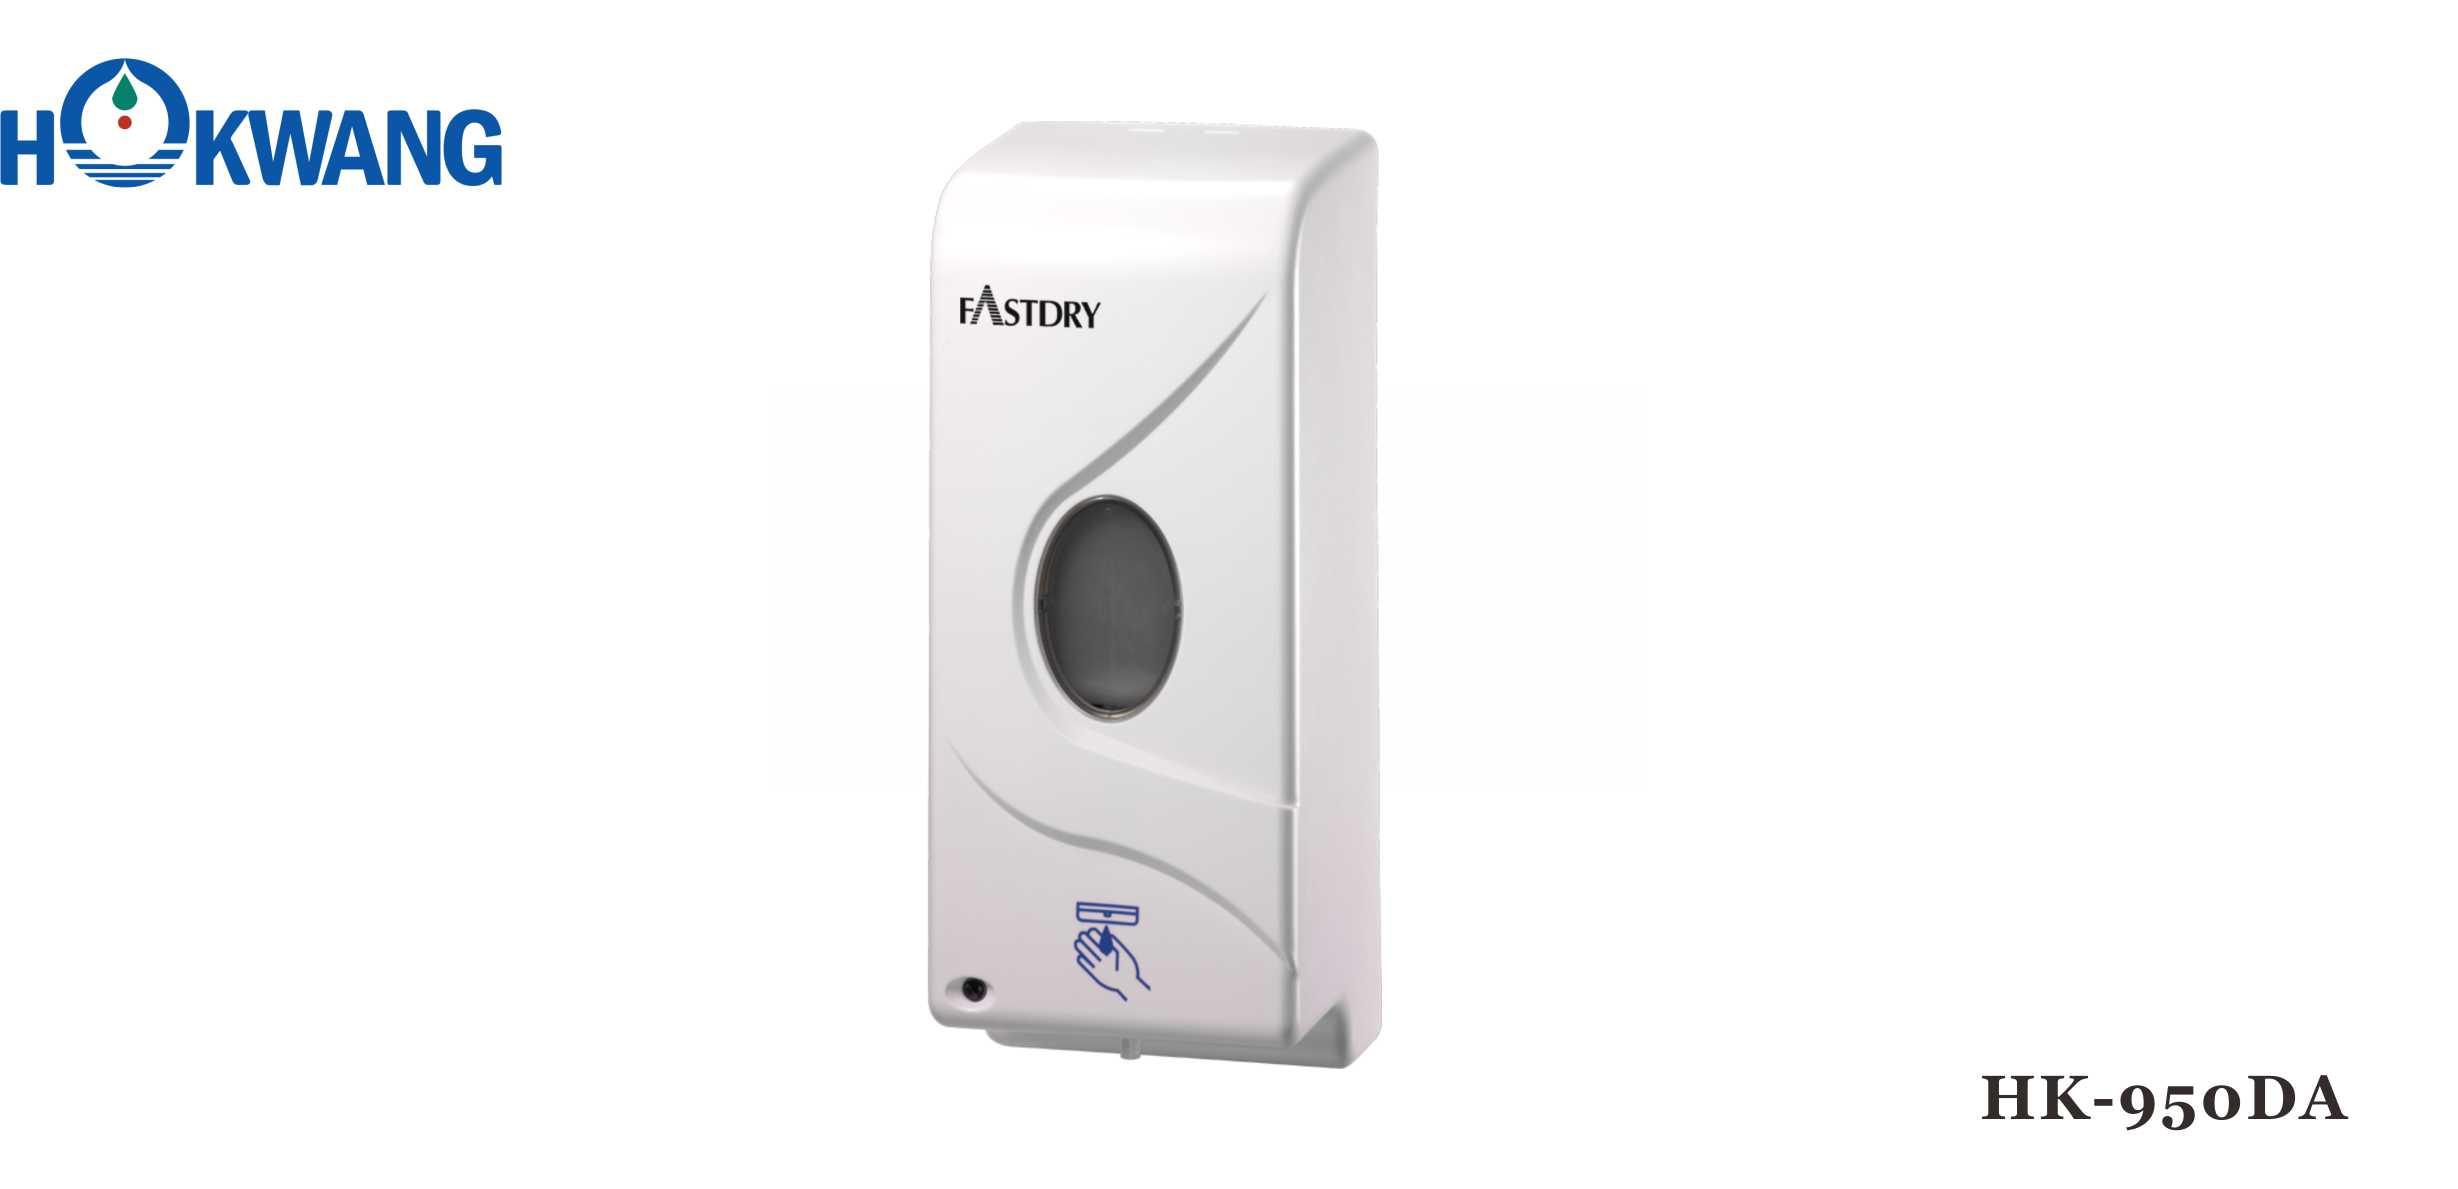 HK-950DA Plastic Auto Liquid Soap Dispenser